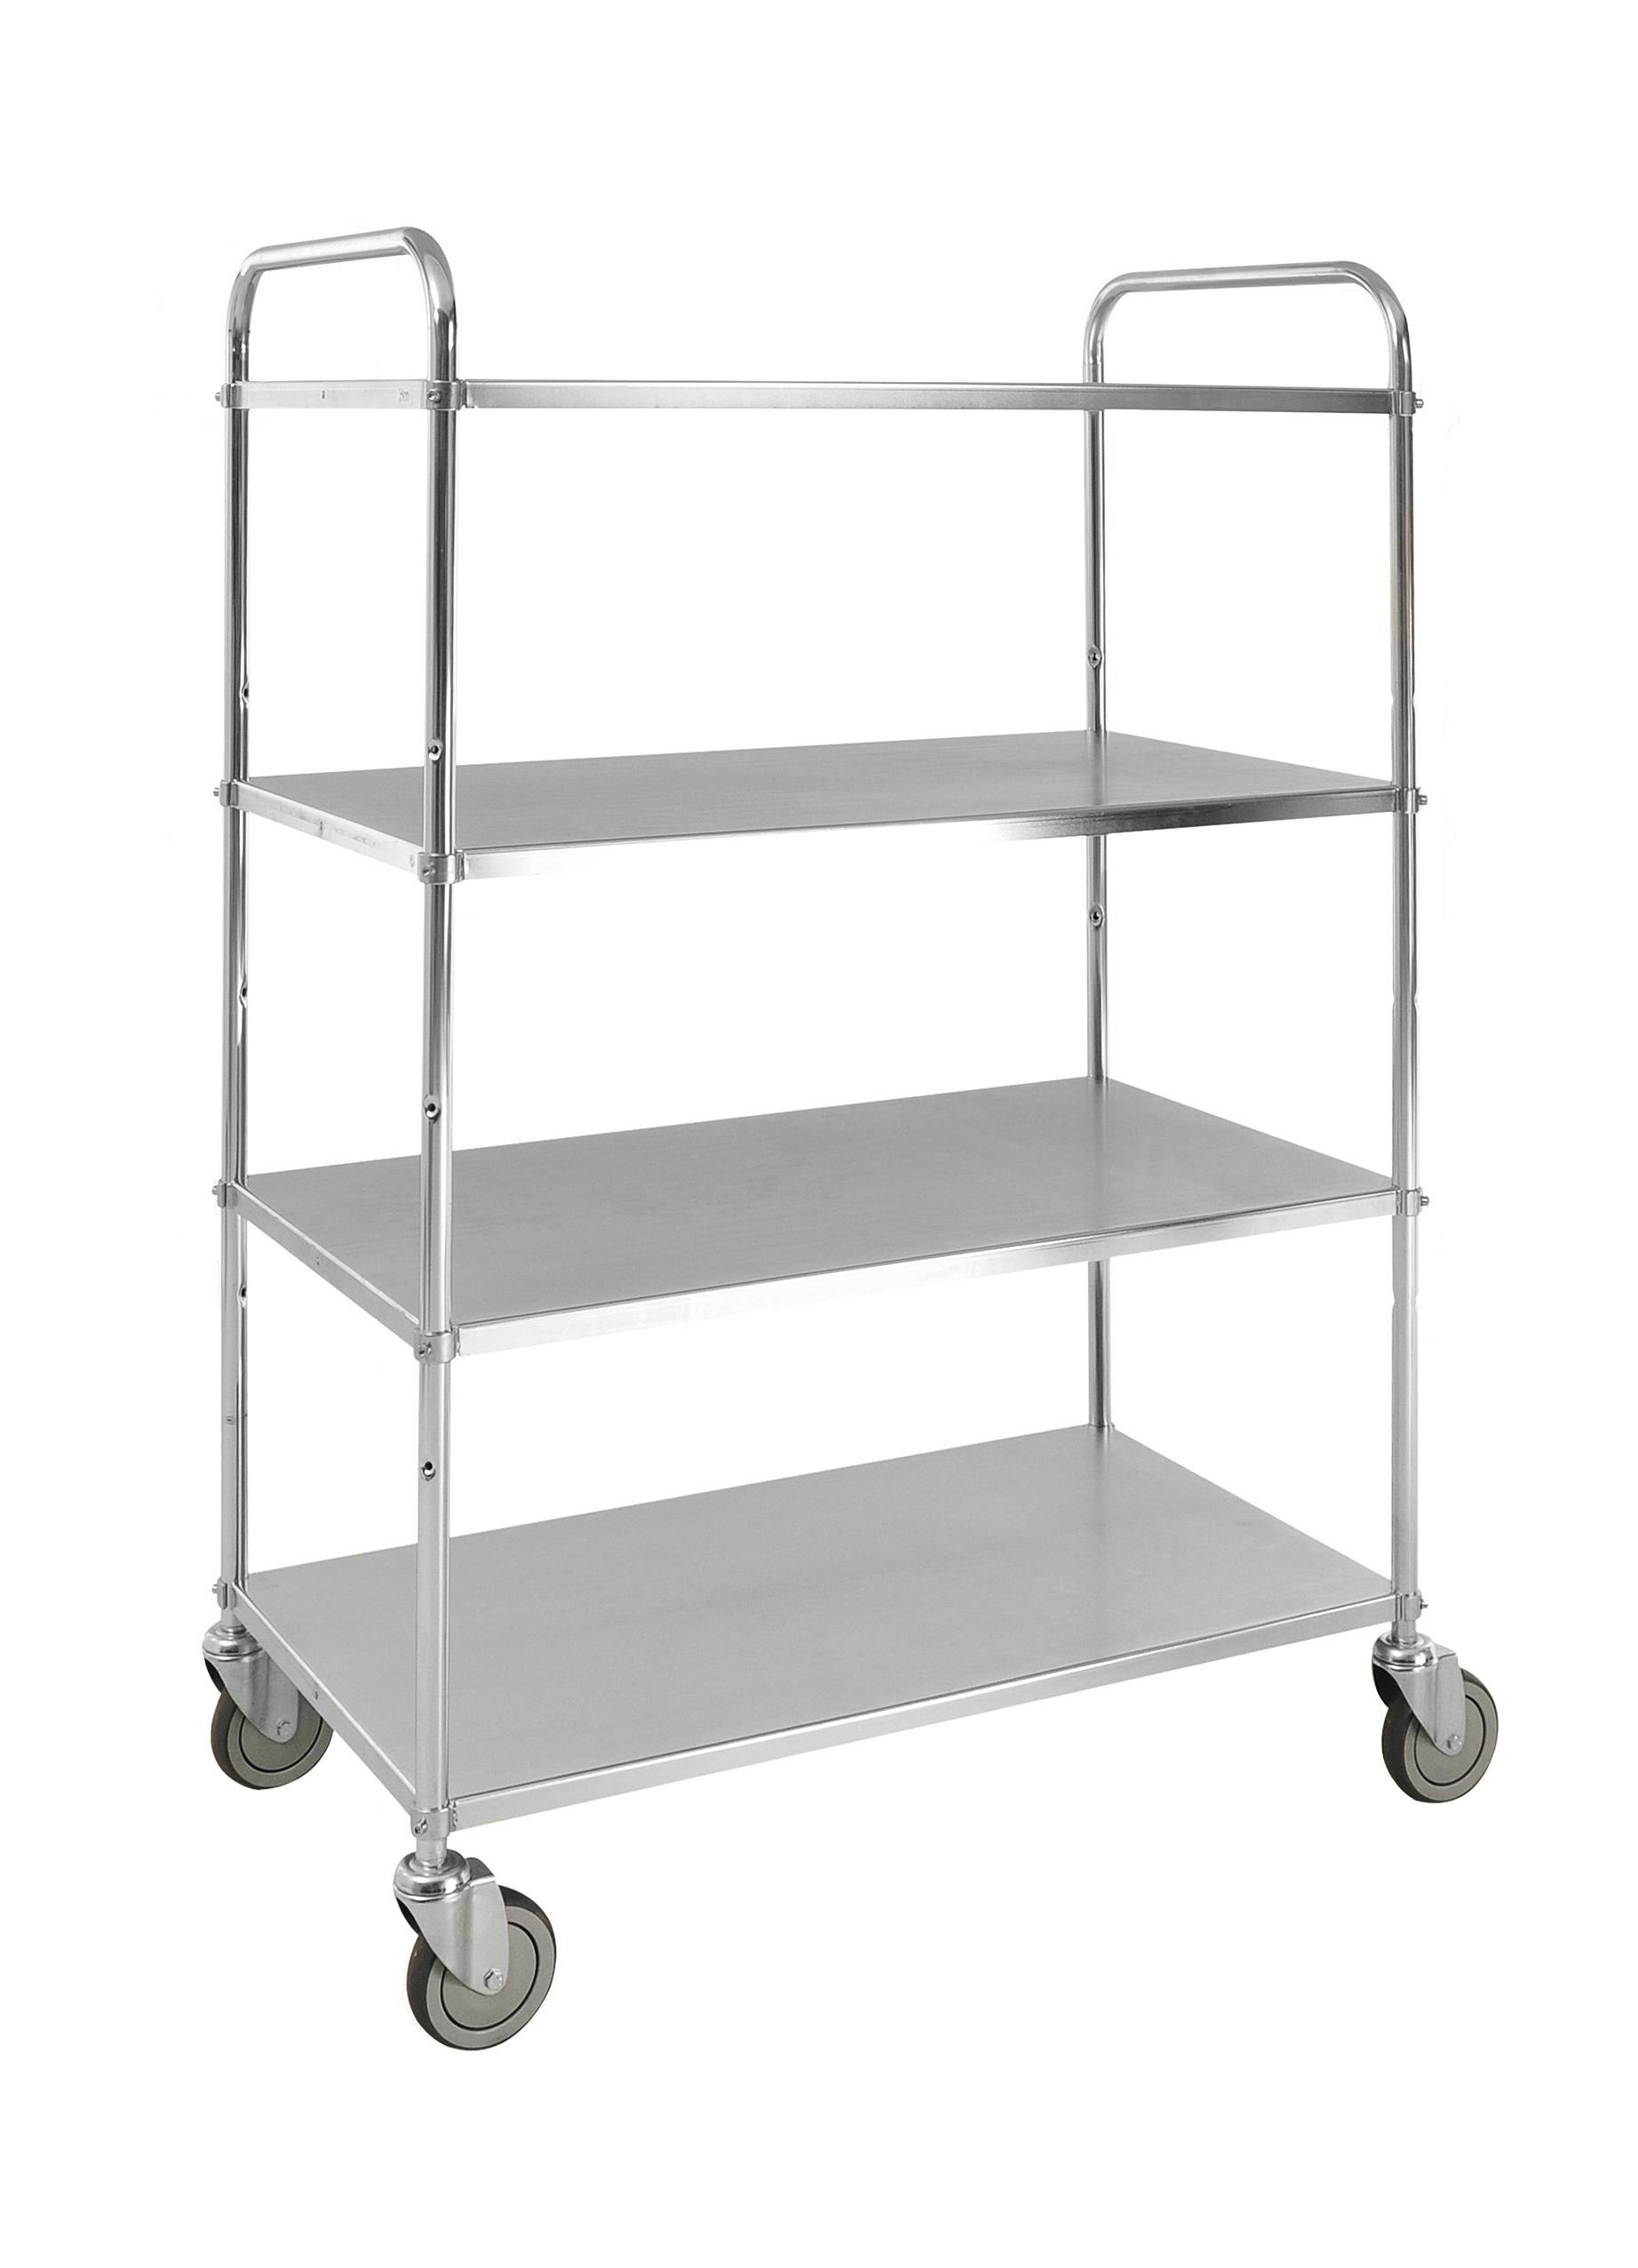 Light shelf trolley KM4125-E